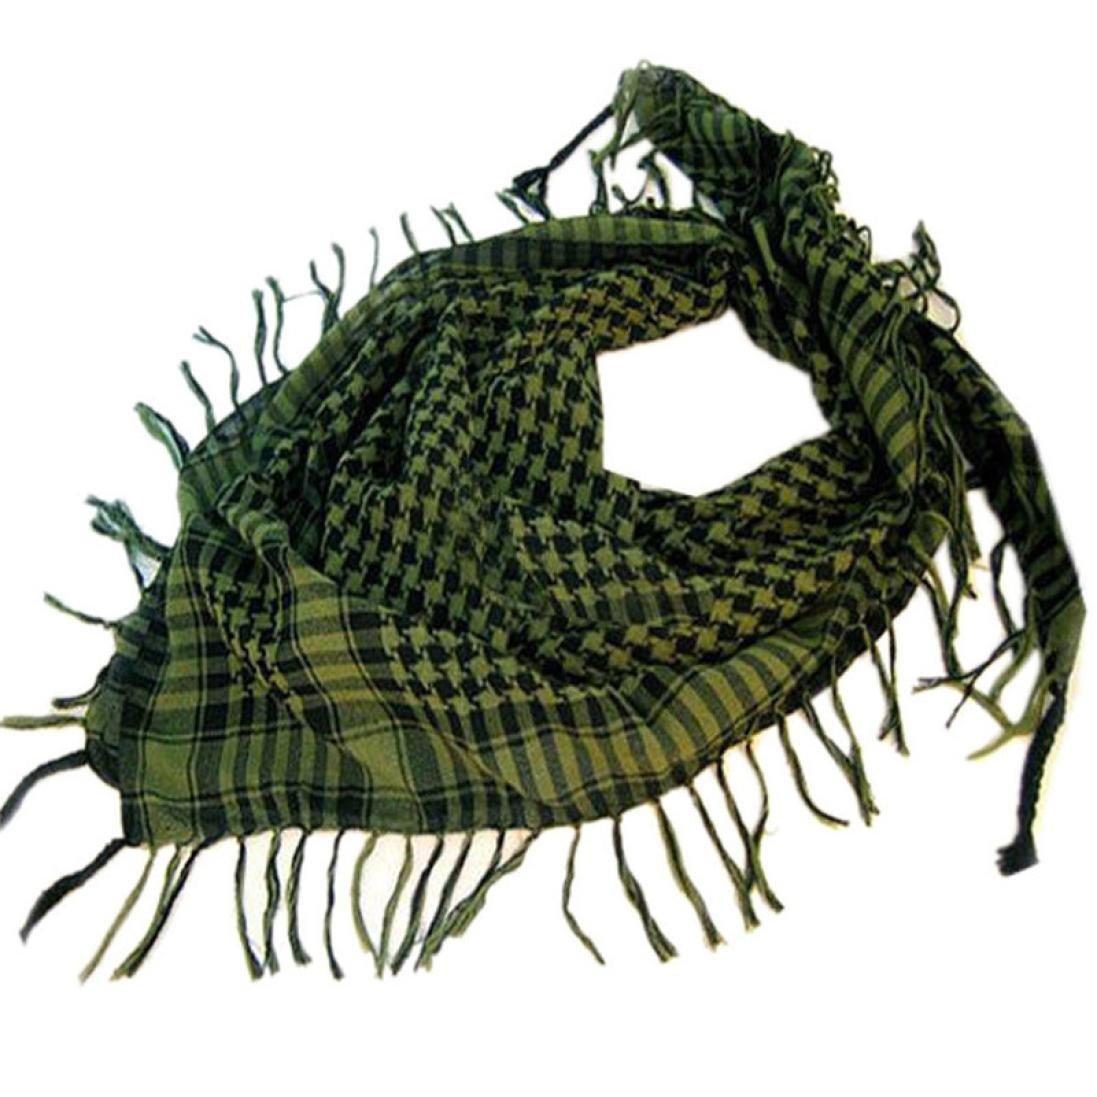 Unisex Fashion Plaid Scarf Shawl, Keepfit Arab Shemagh Keffiyeh Palestine Classic Shawl Wrap for Women Men (Green)